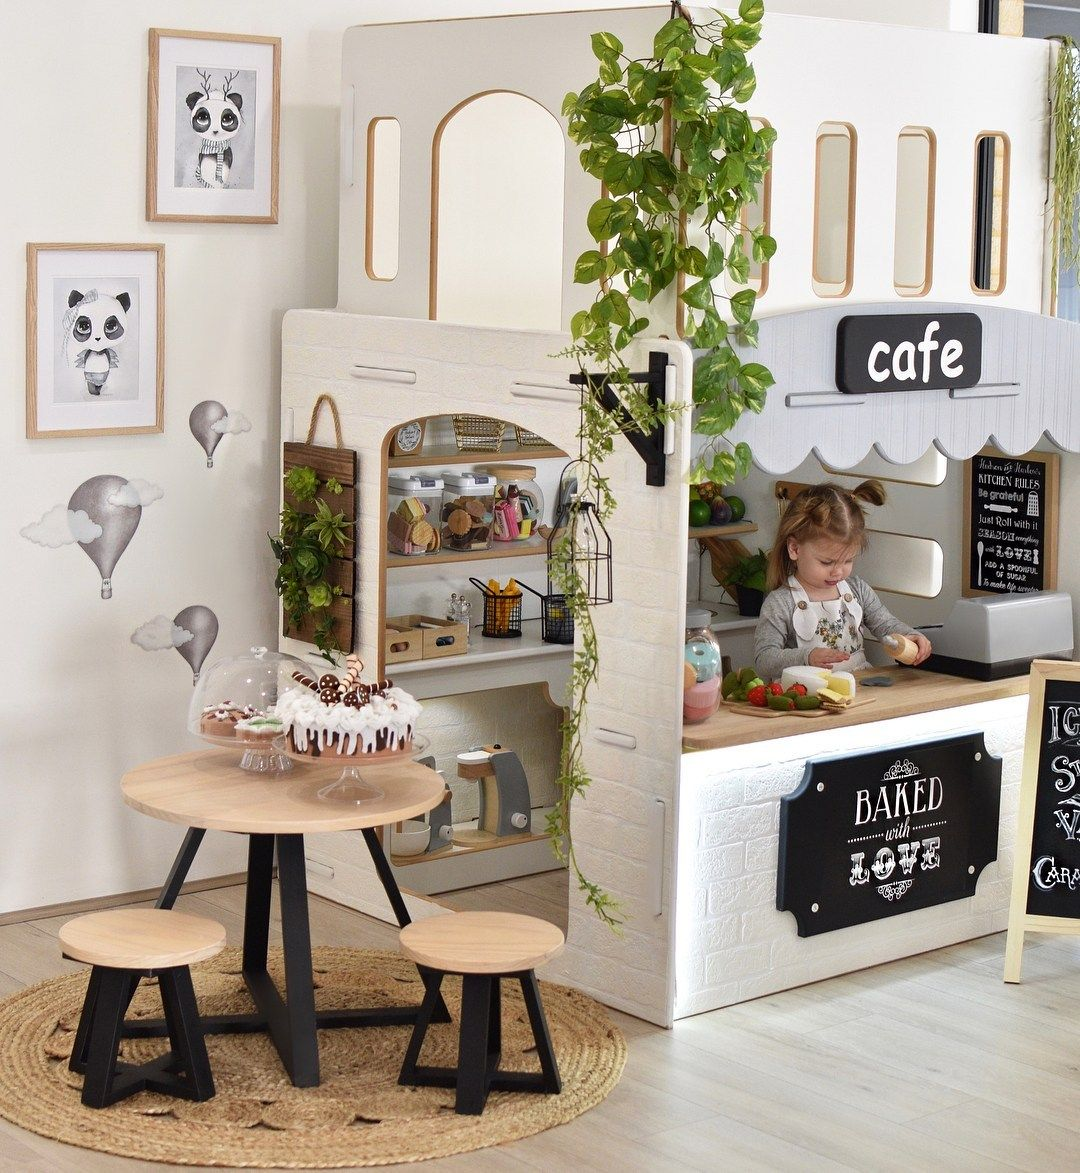 Kinderküche & Kaufladen - alles für das eigene Kindercafé! #salledejeuxenfant